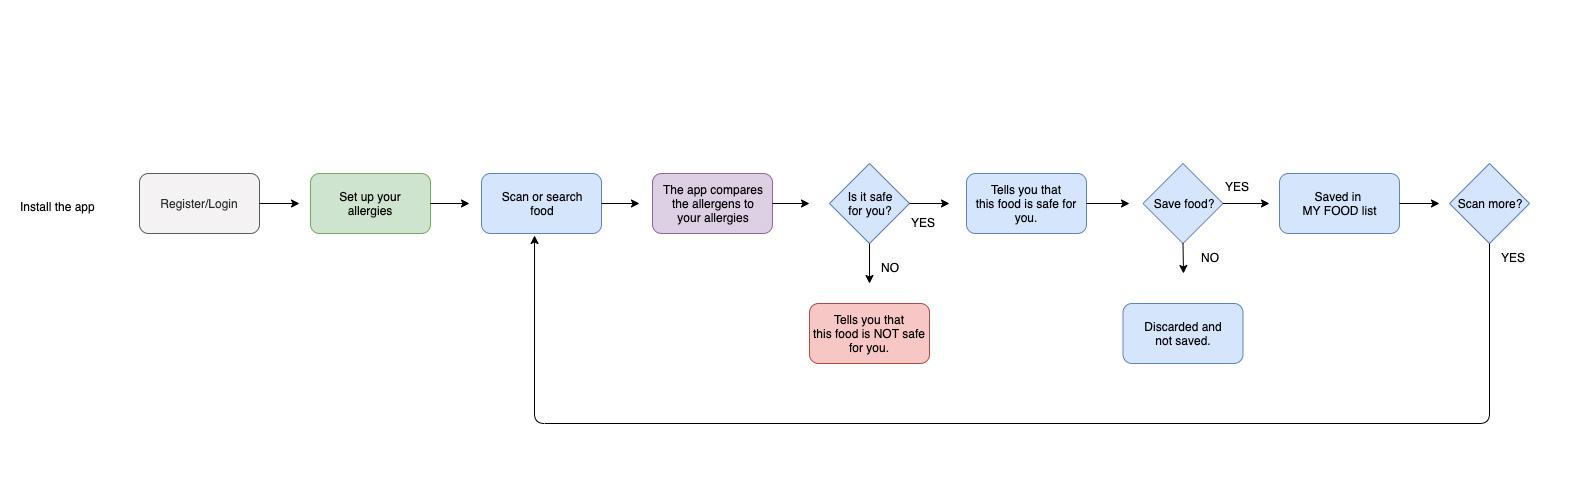 IOS UI Design user flow